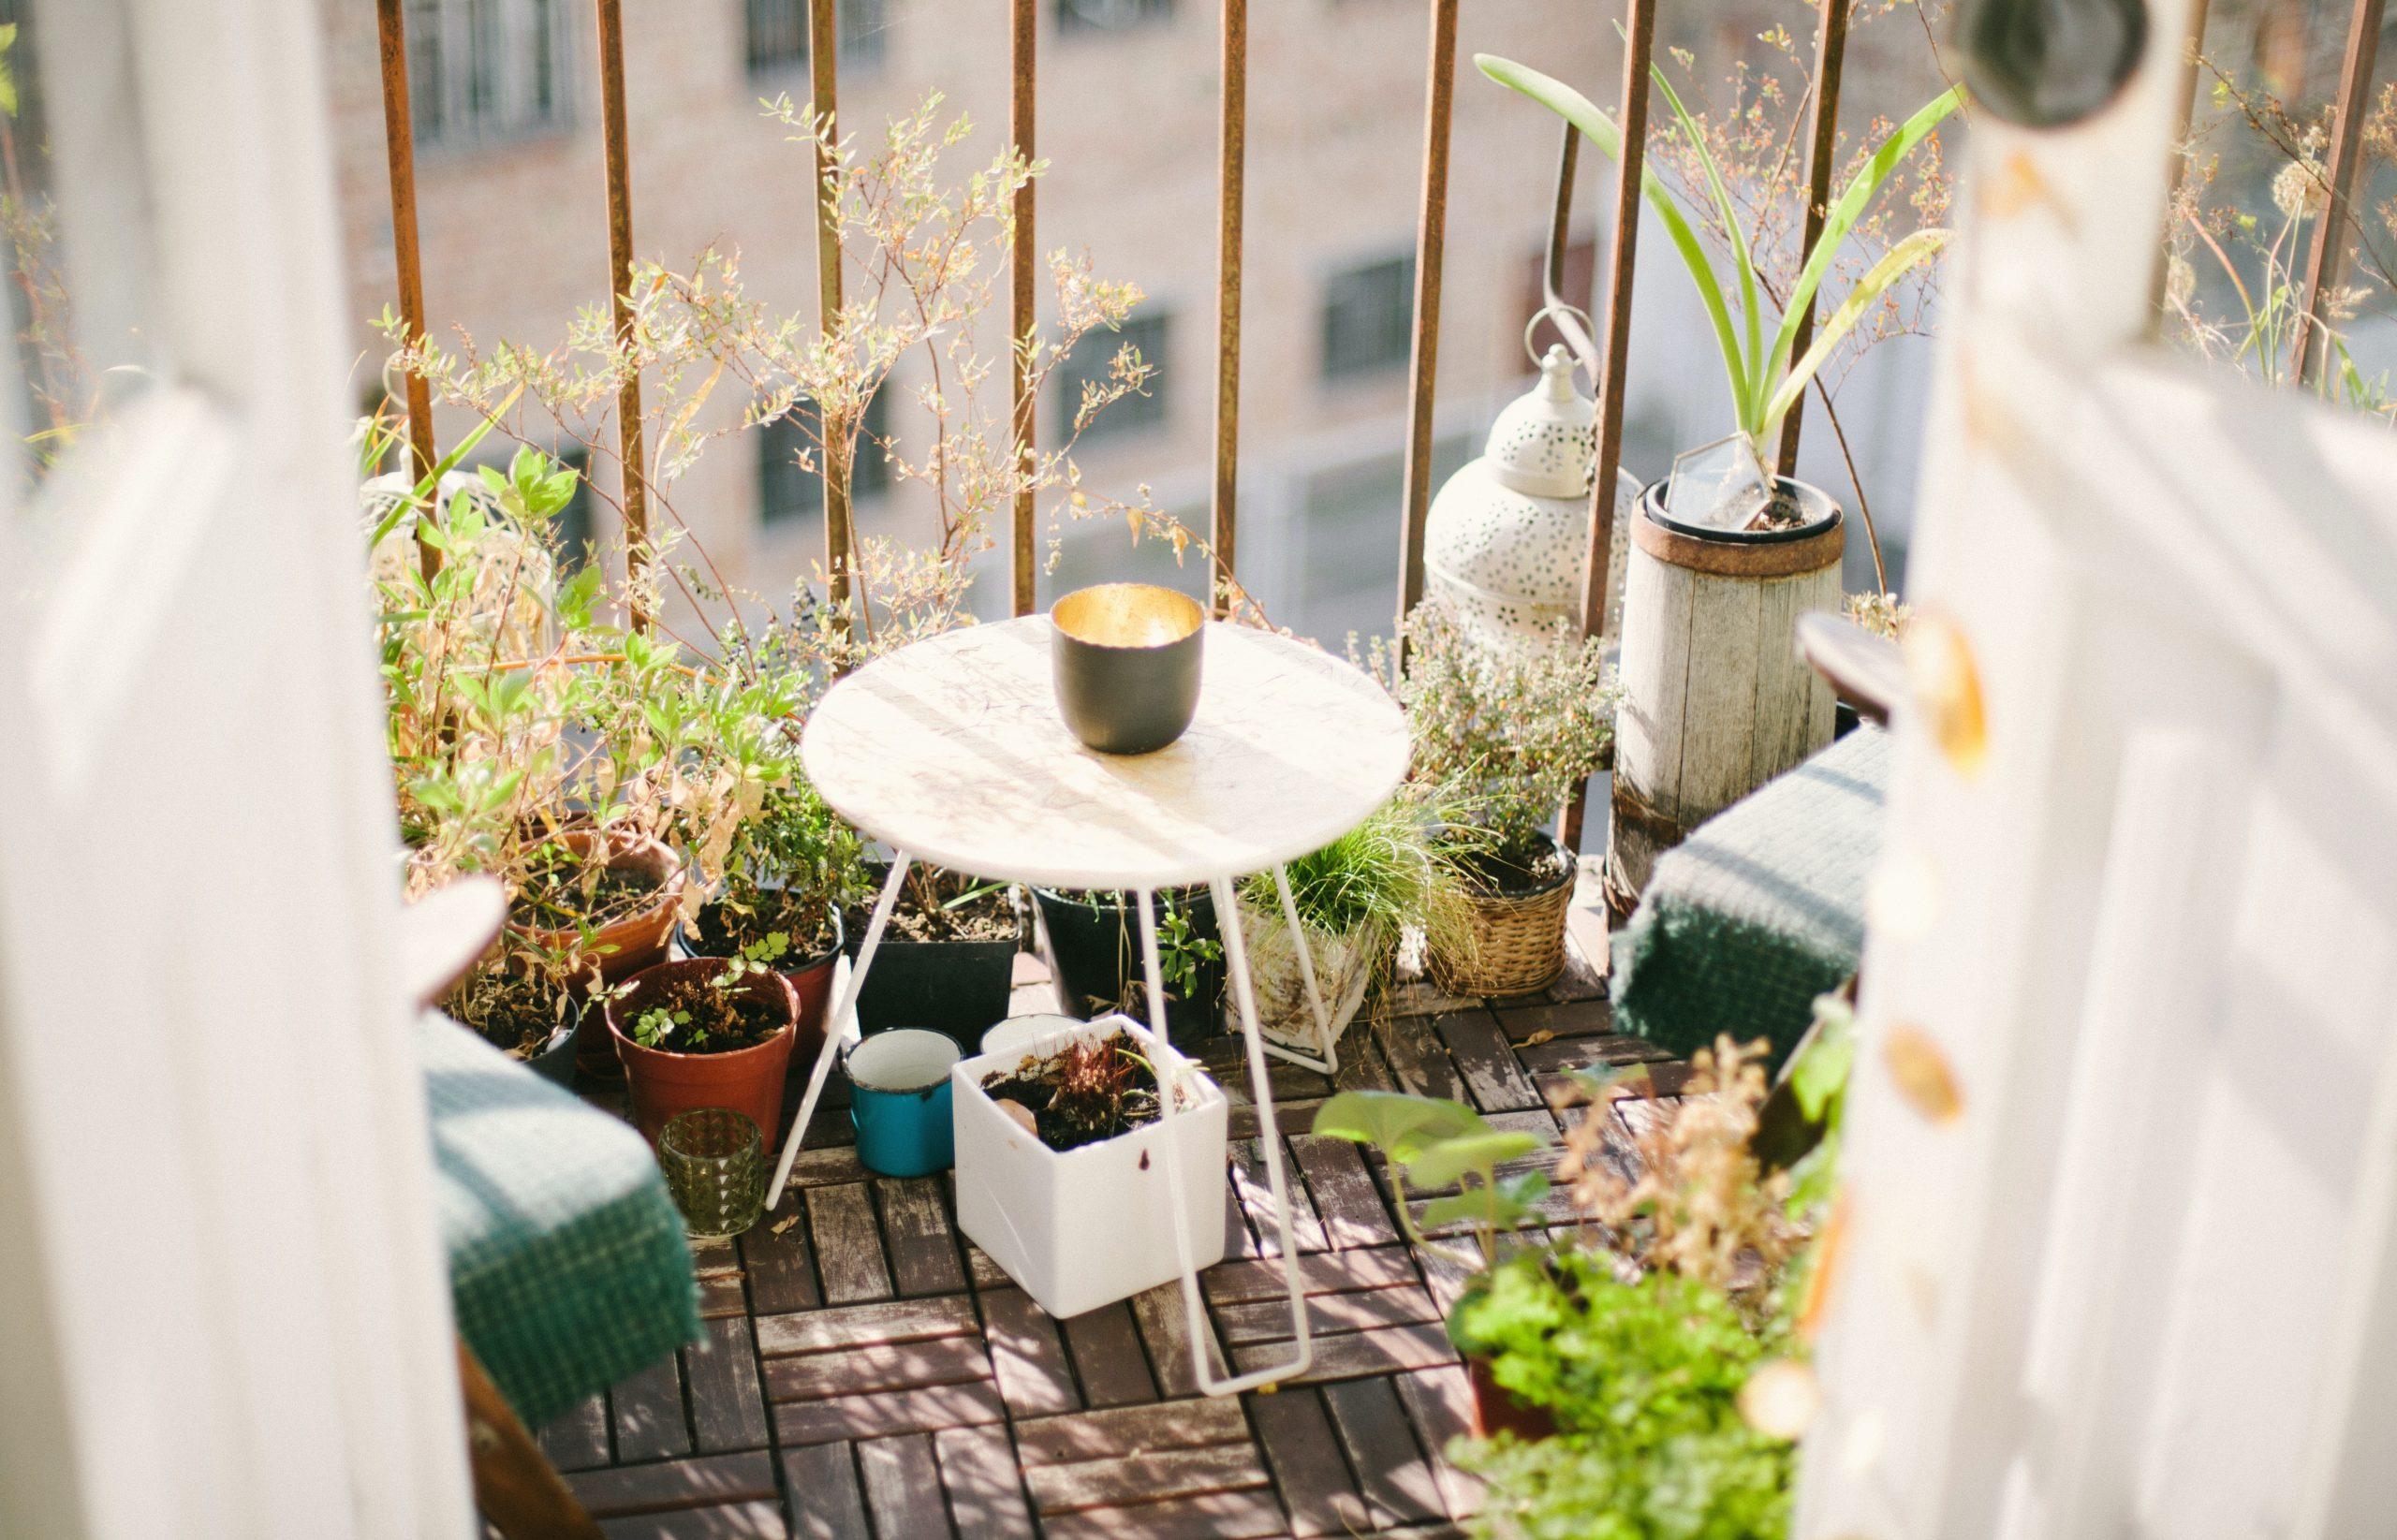 Organiser son potager de balcon : article invité